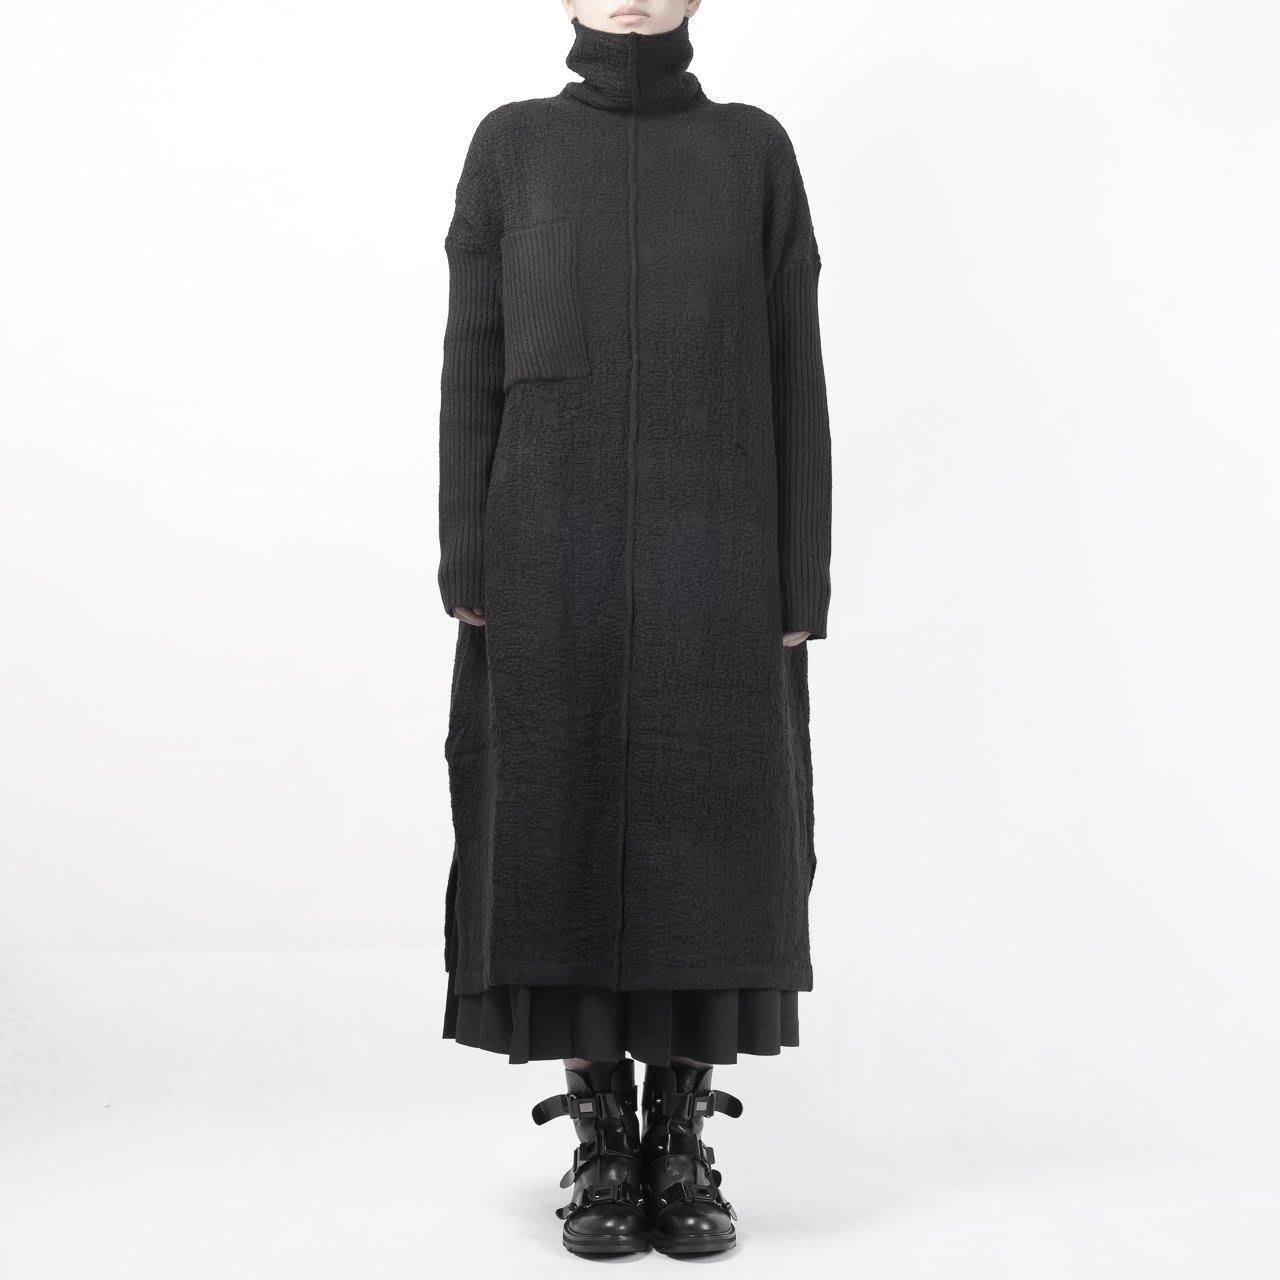 【鈷藍家】DL yohji山本風暗黑拼接高領毛衣連身裙套頭針織衫OP懶人裙